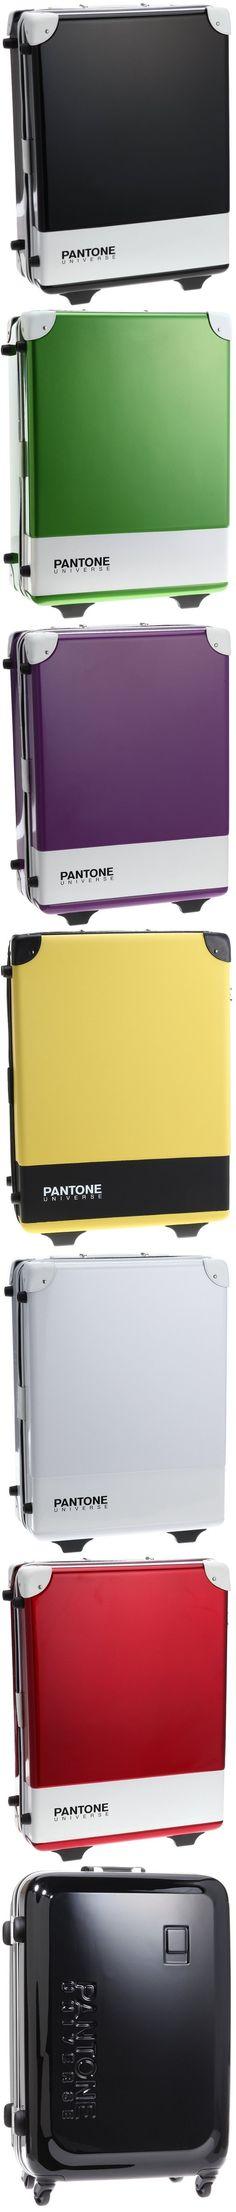 PANTONE Suitcases: Travel Companions For Quintessential Designers